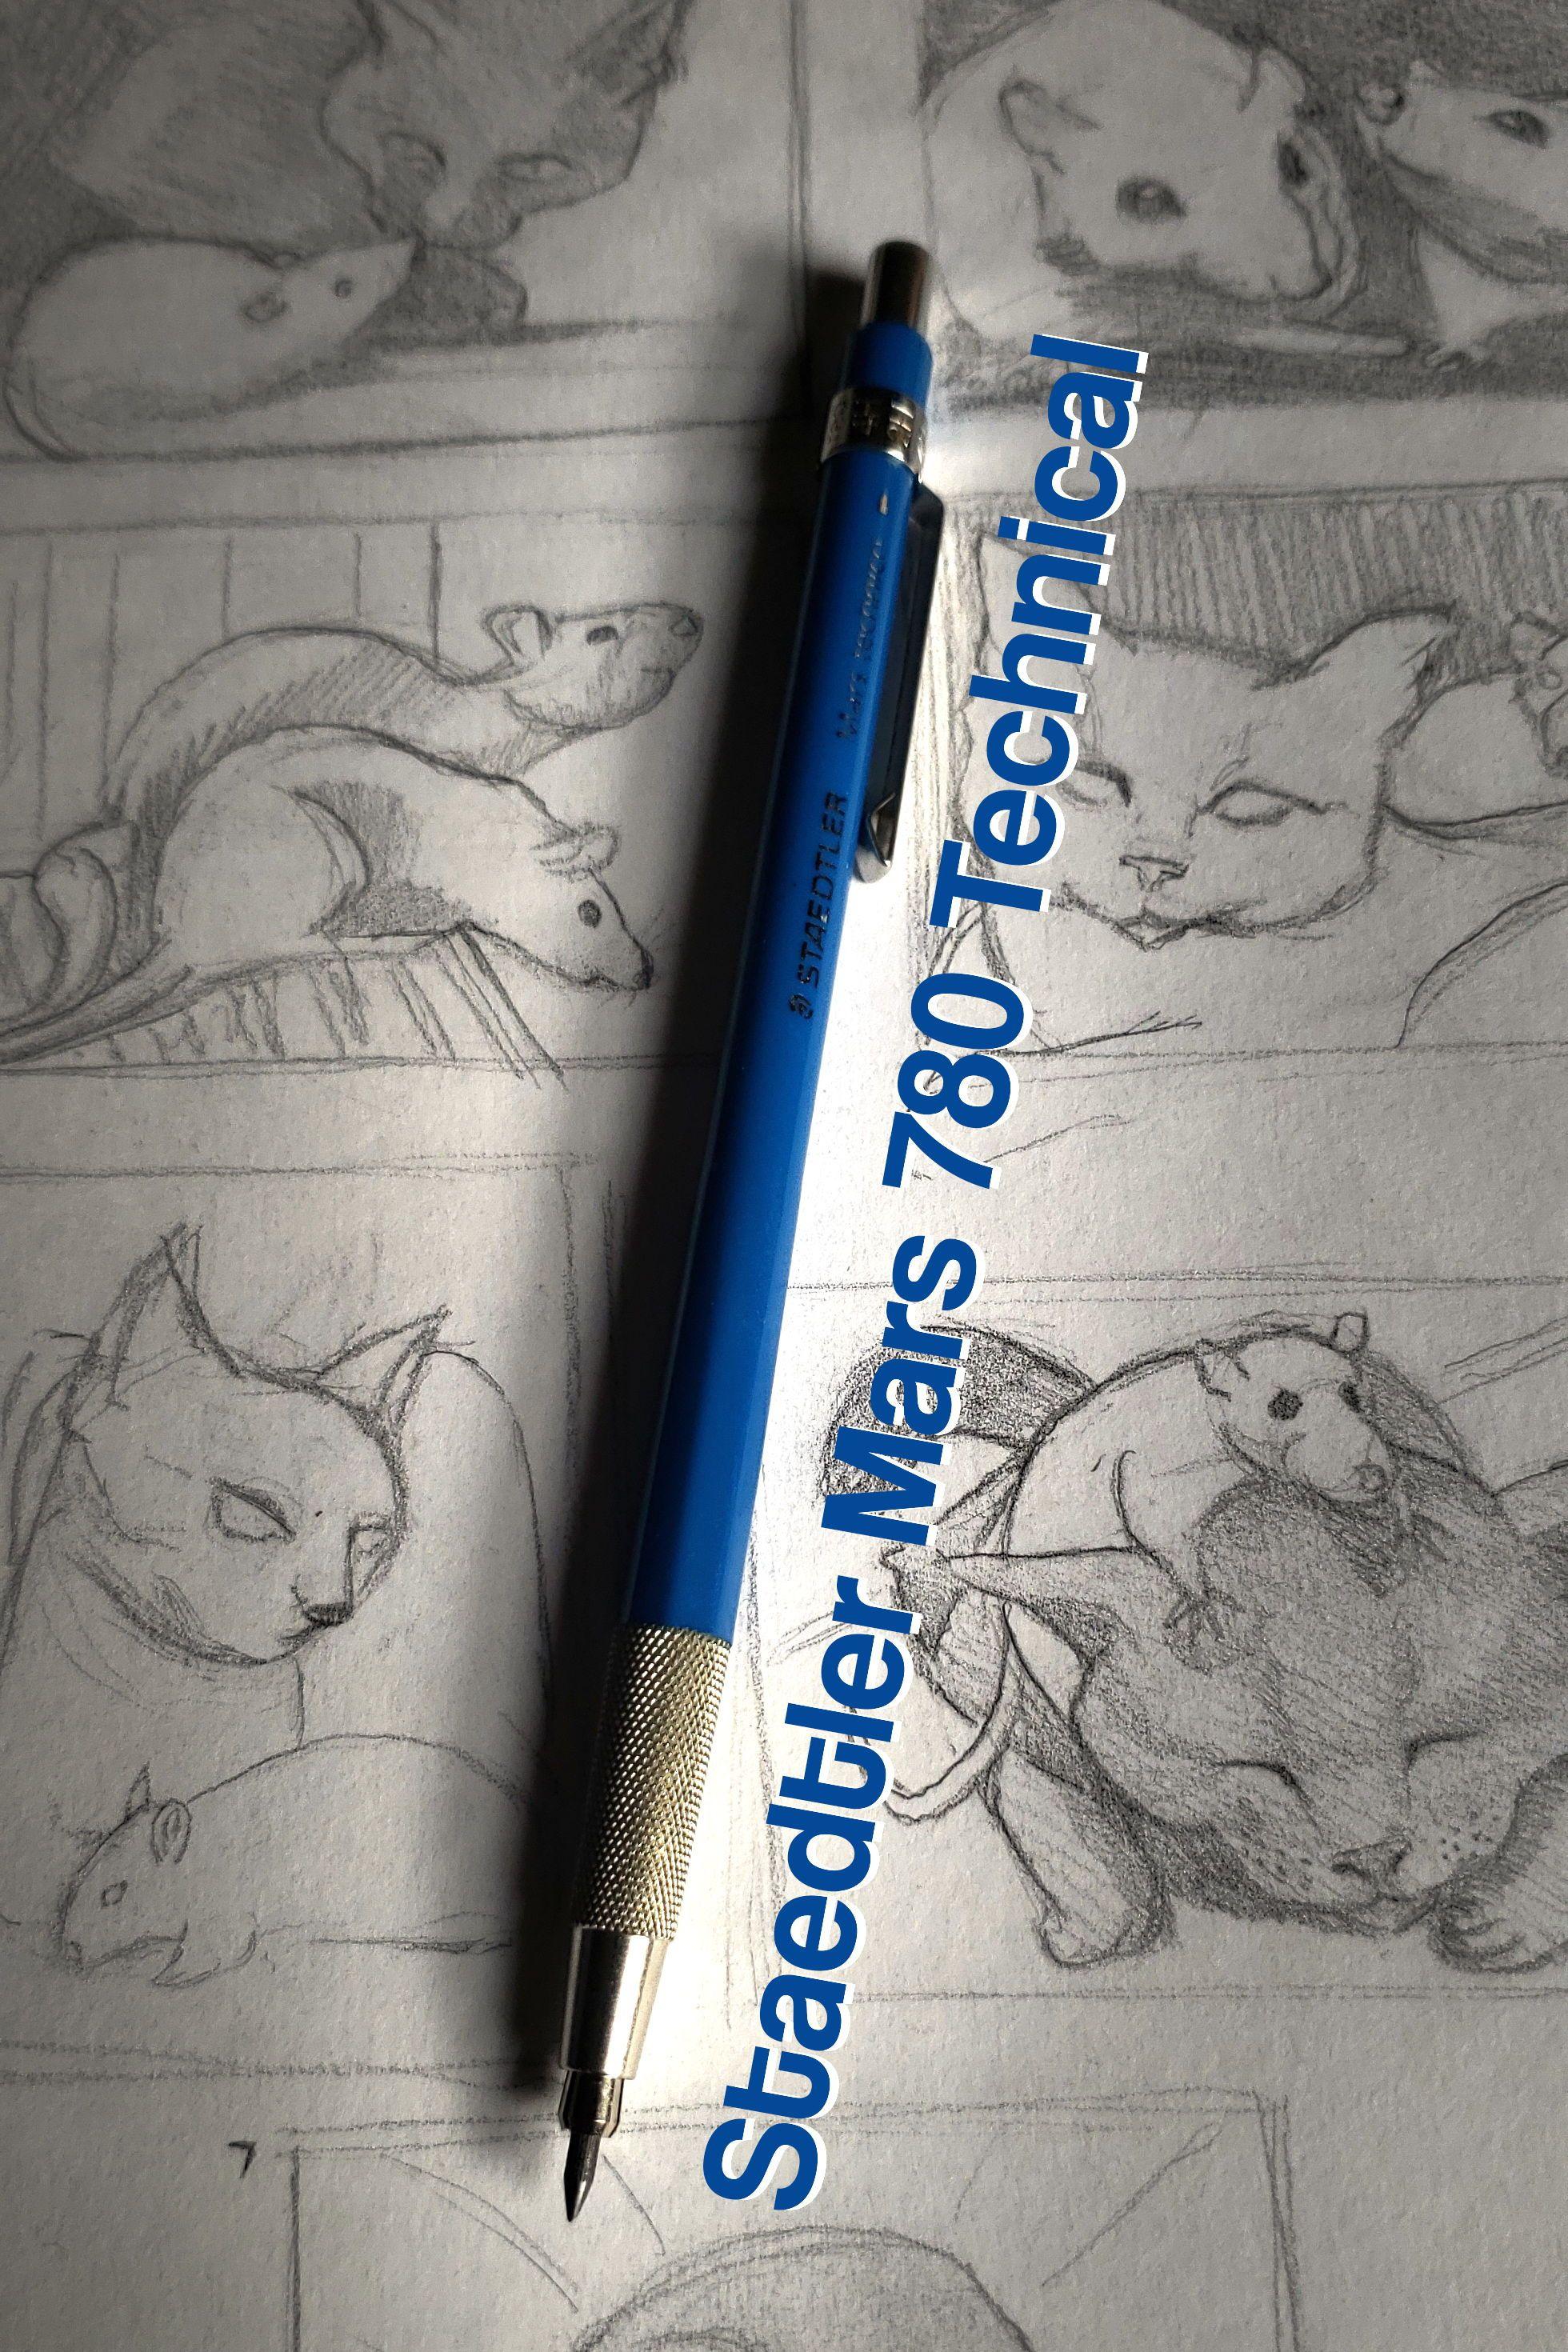 Details about 1980's SAKURA ARCHI 0.5mm mechanical pencil ...  Super Cool Mechanical Pencils